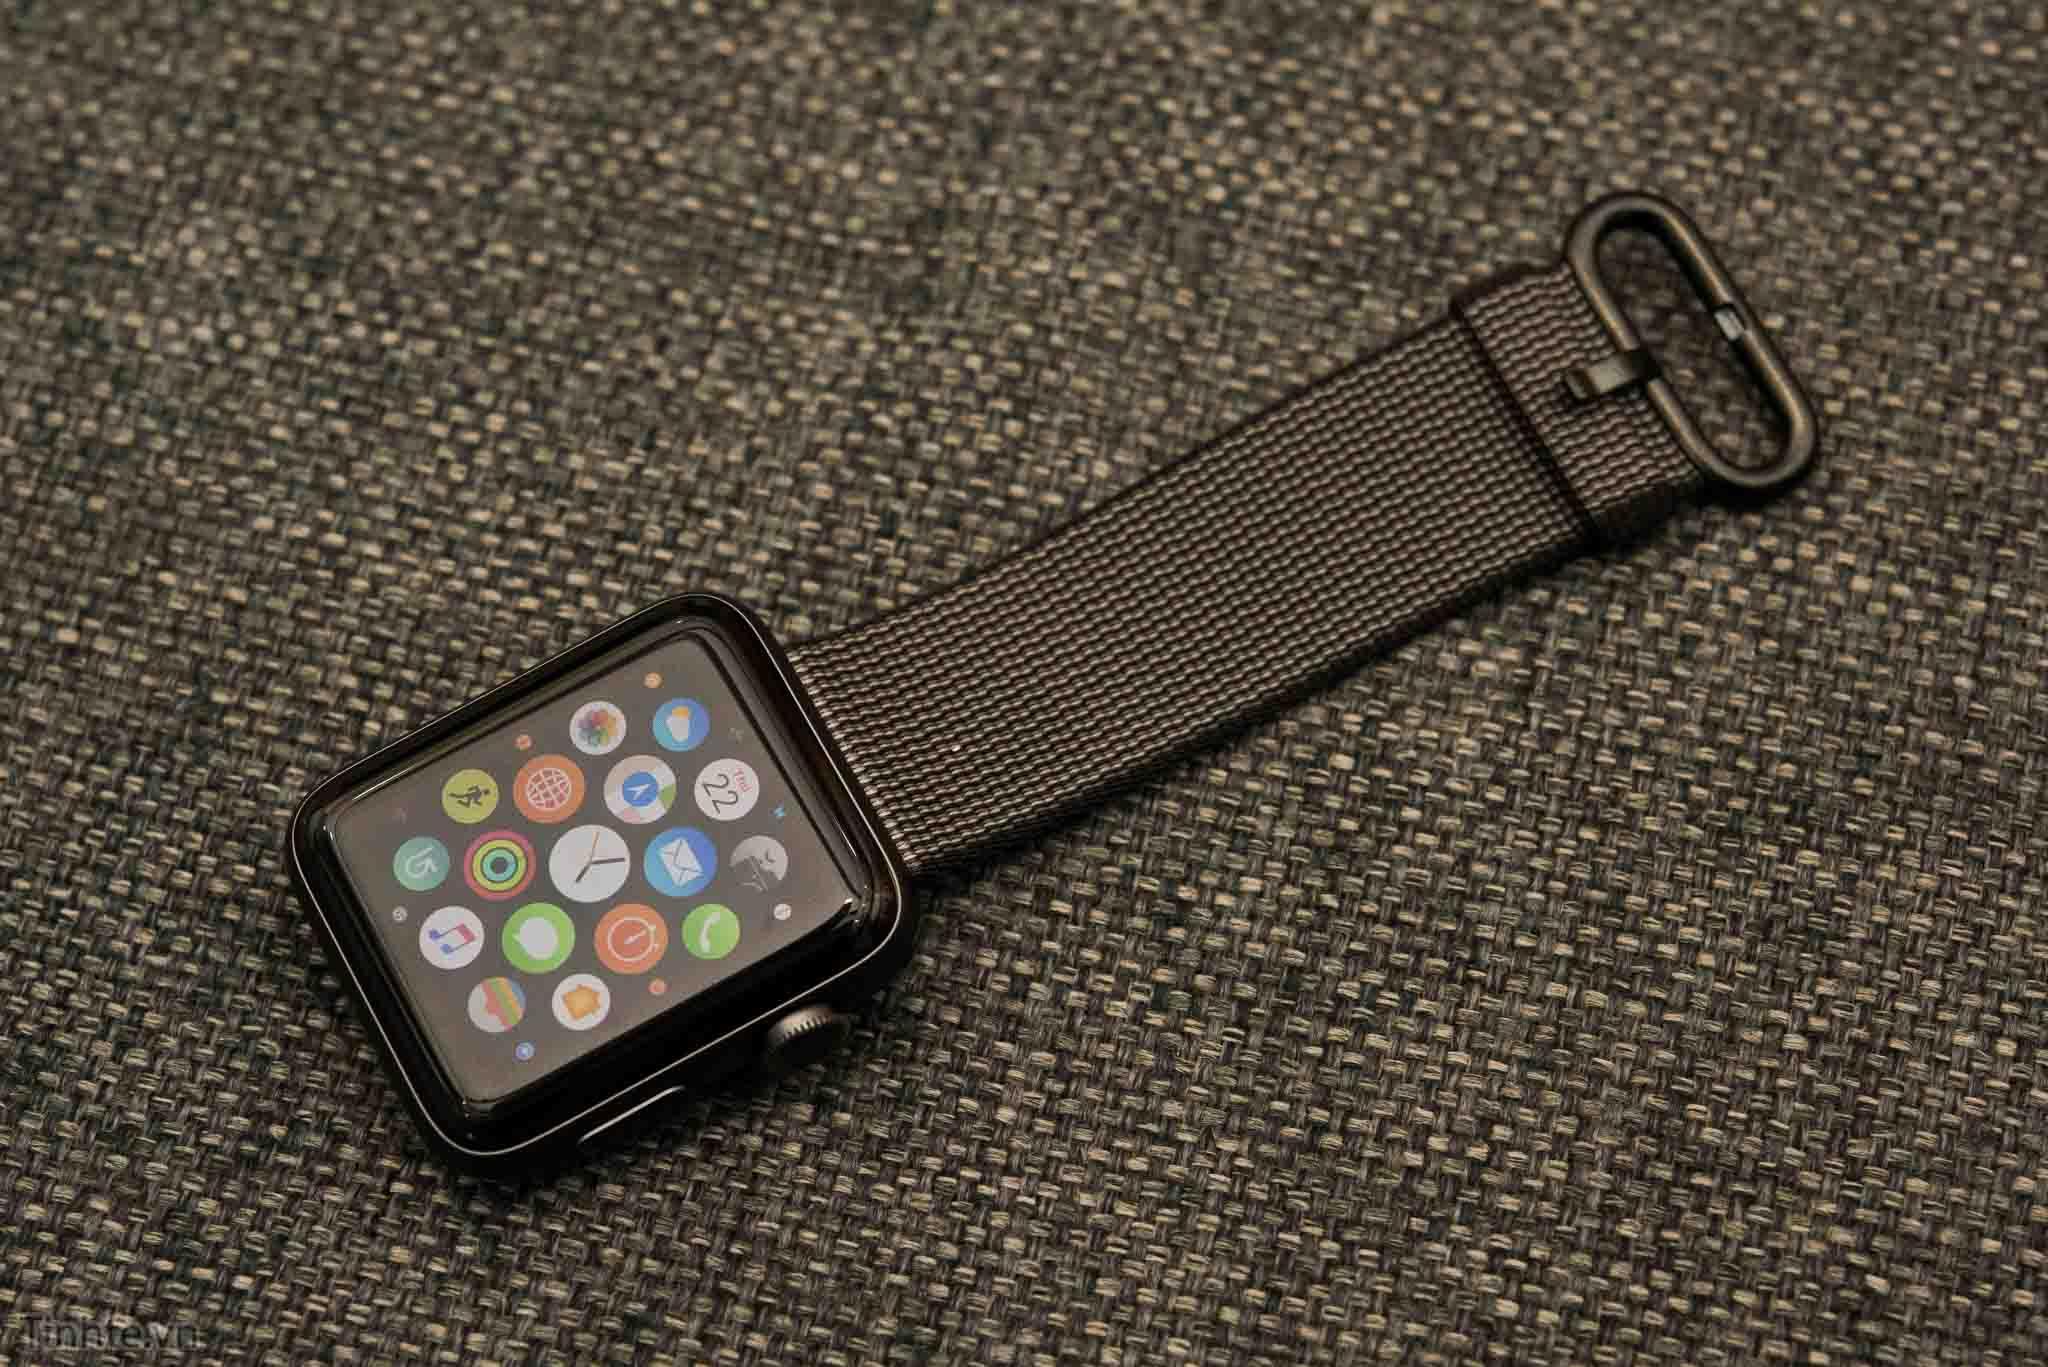 Đánh giá nhanh Apple Watch 2: dày hơn, lớn hơn, nhanh hơn, chống ...